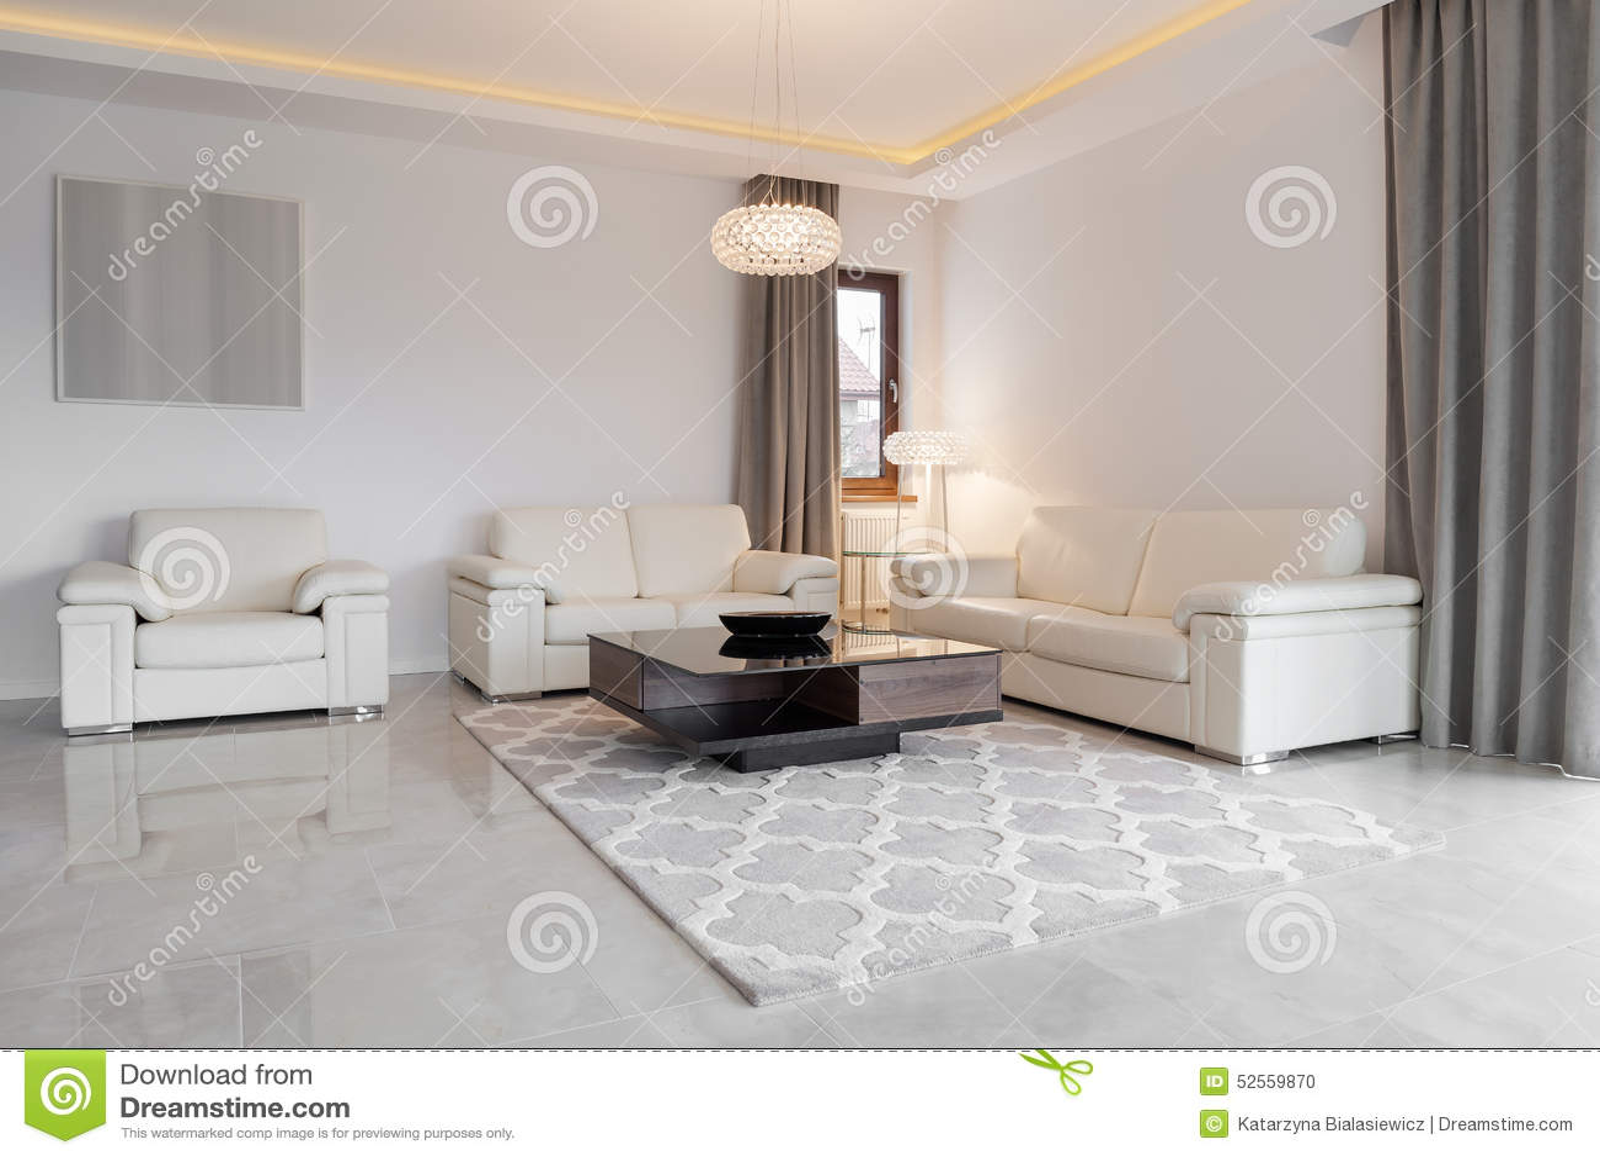 Exklusives Wohnzimmer Stockfoto Bild Von Leuchter Exklusiv 52559870